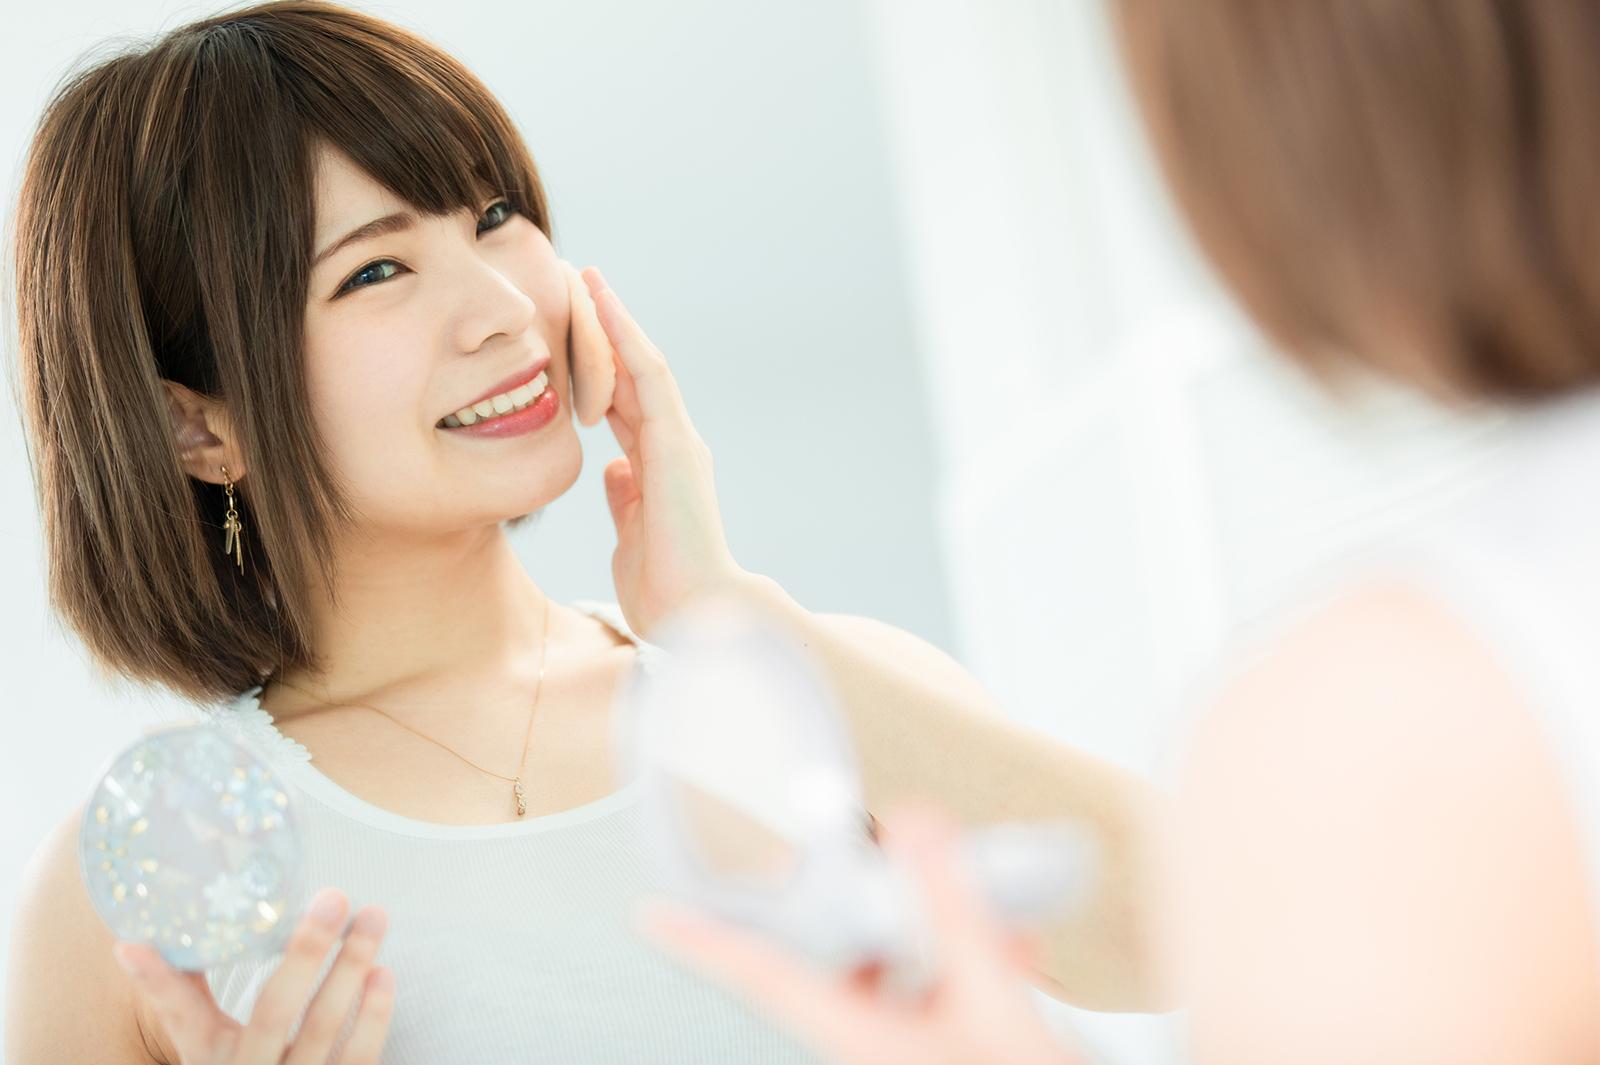 自然な笑顔の作り方/肌(提供写真)